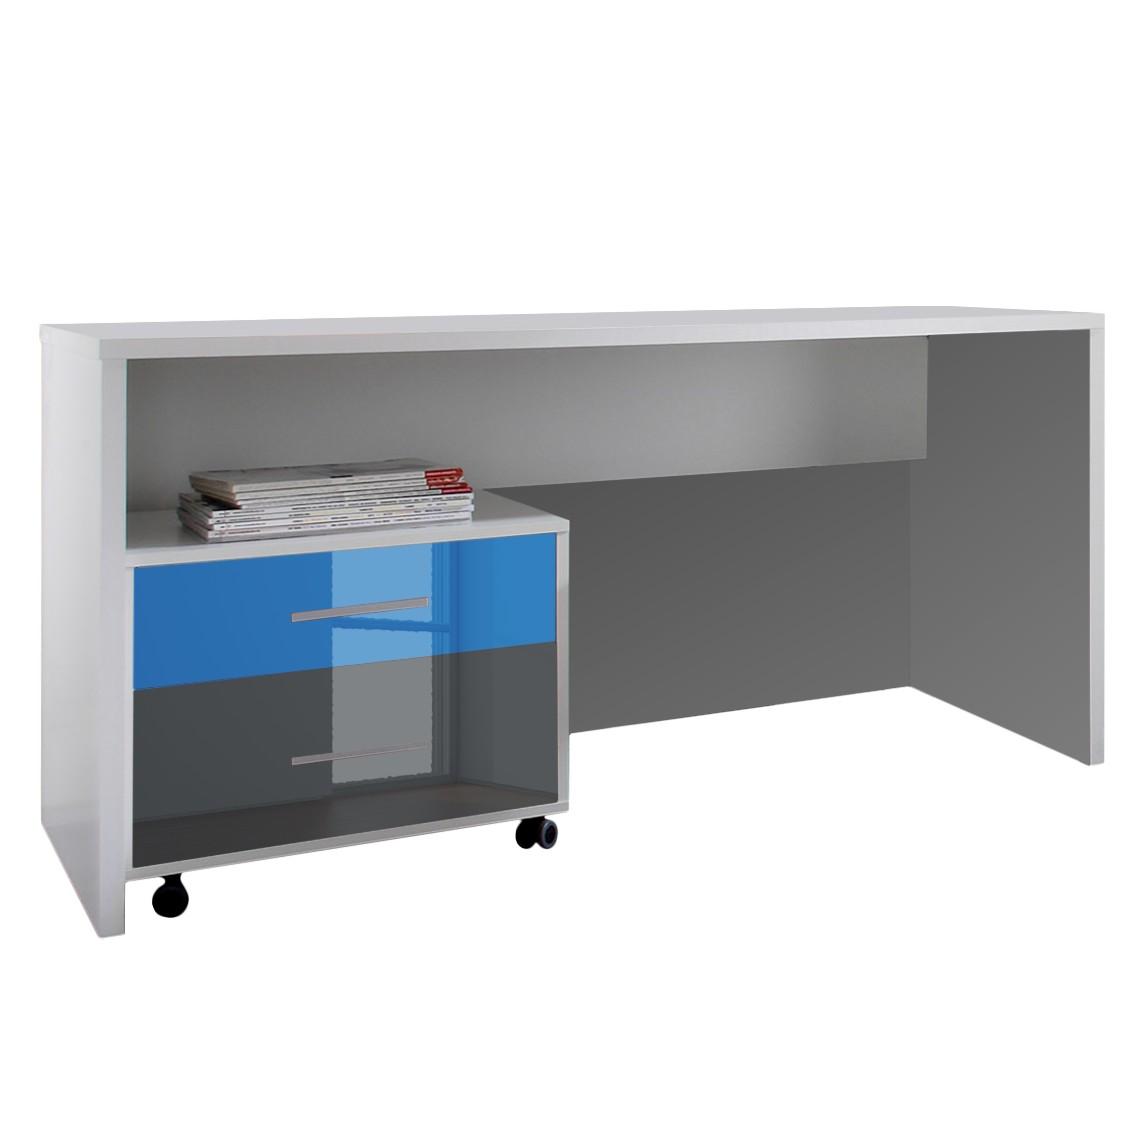 schreibtische mit glas preisvergleich die besten angebote online kaufen. Black Bedroom Furniture Sets. Home Design Ideas